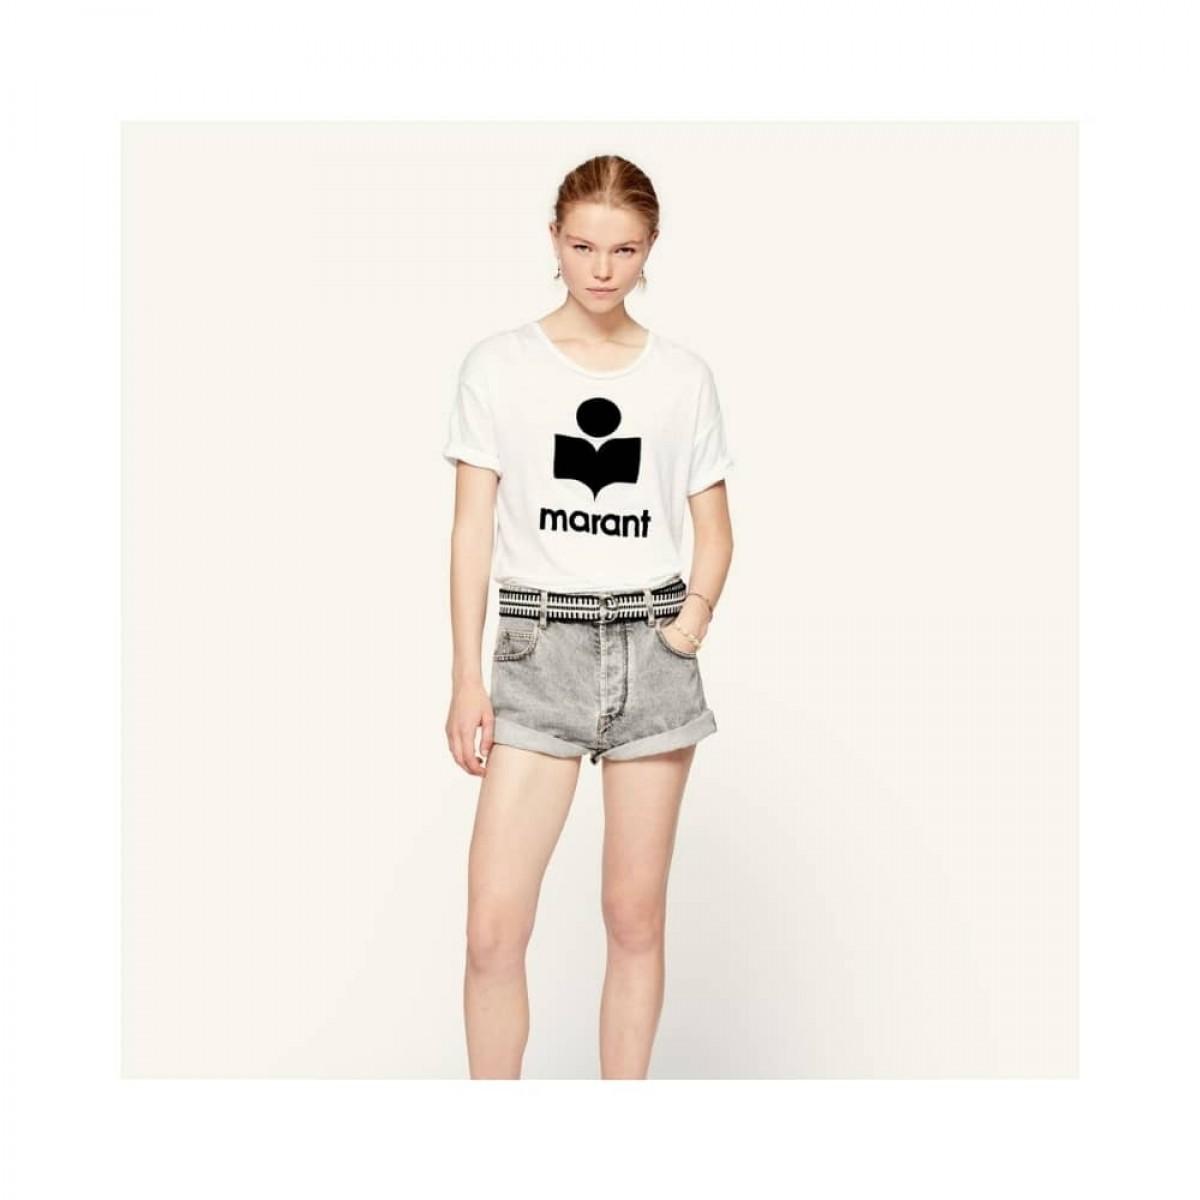 koldi t-shirt - white - model hel figur